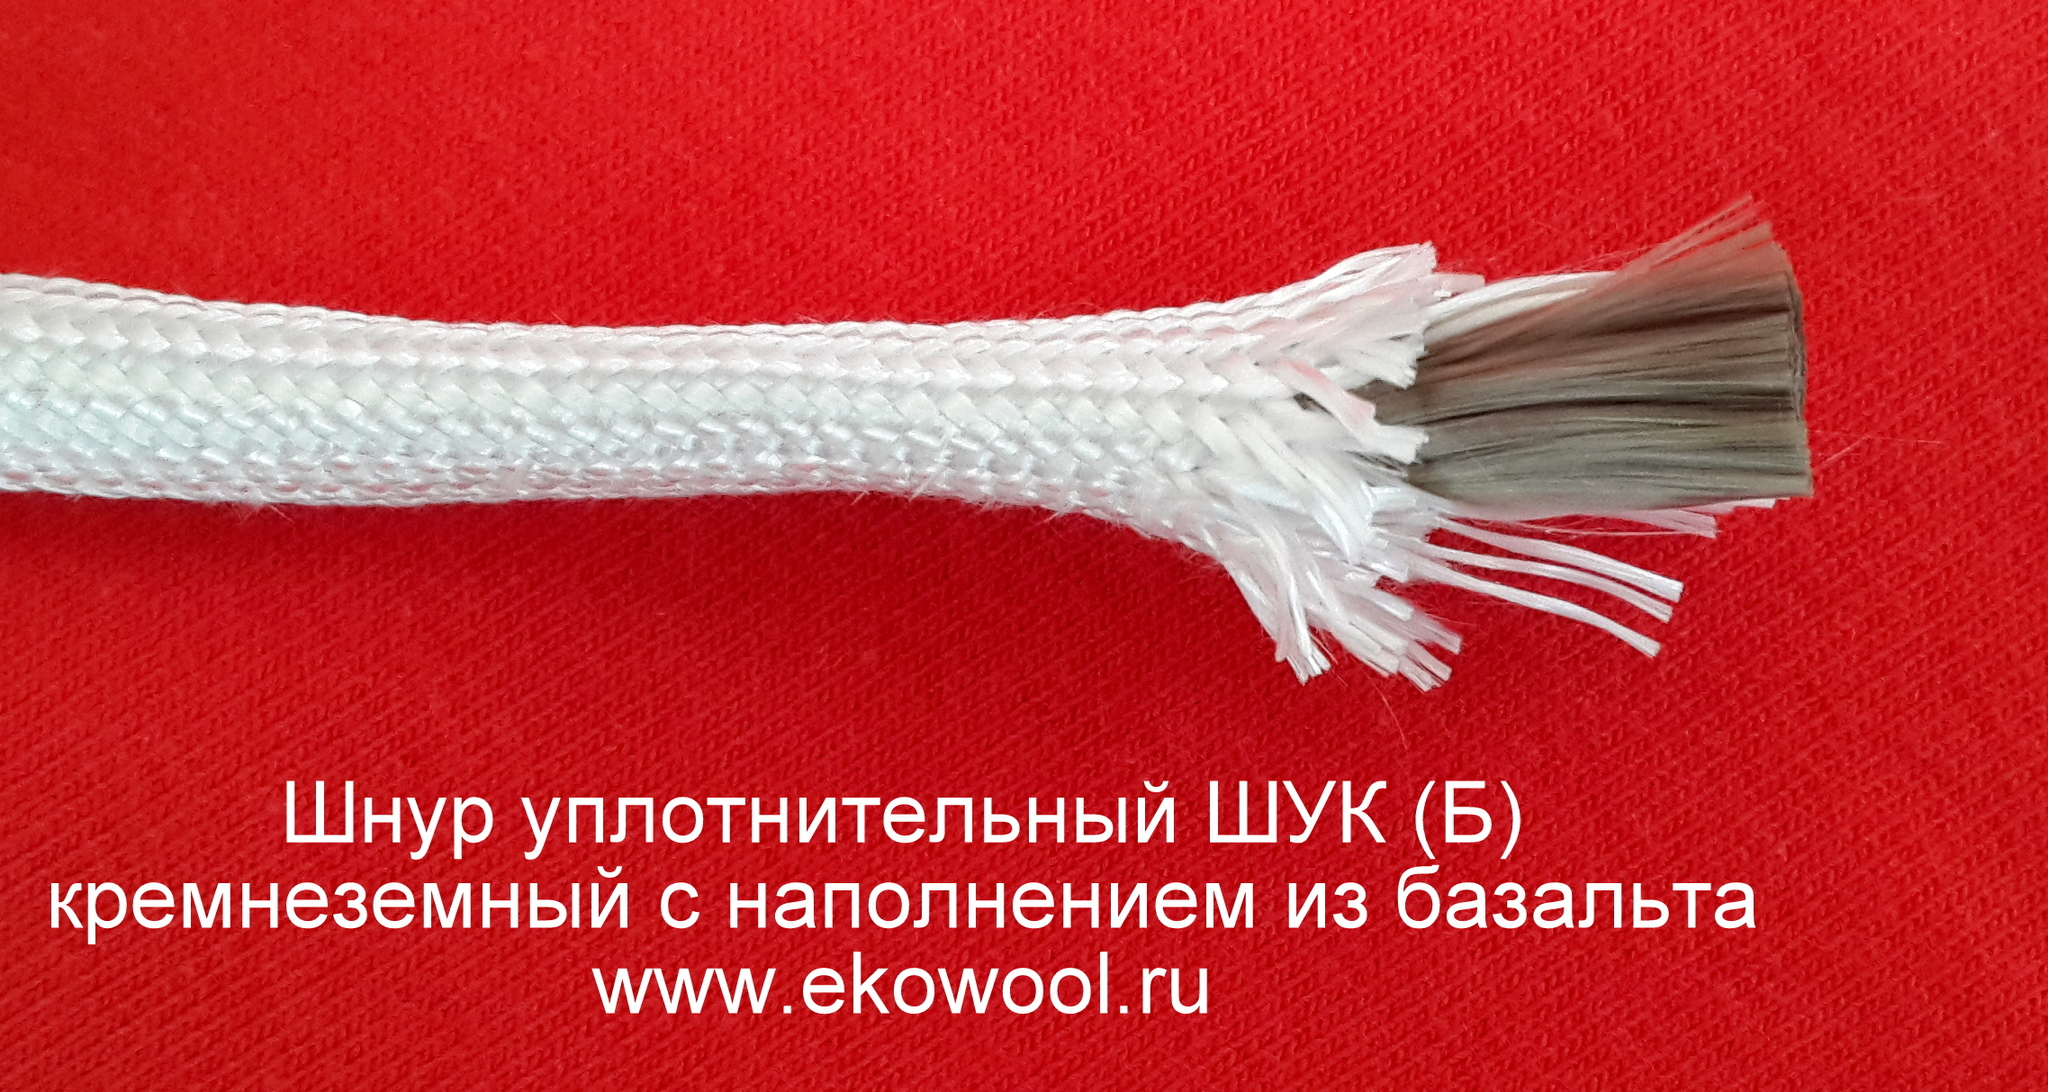 термостойкий шнур уплотнительный кремнеземный с базальтом